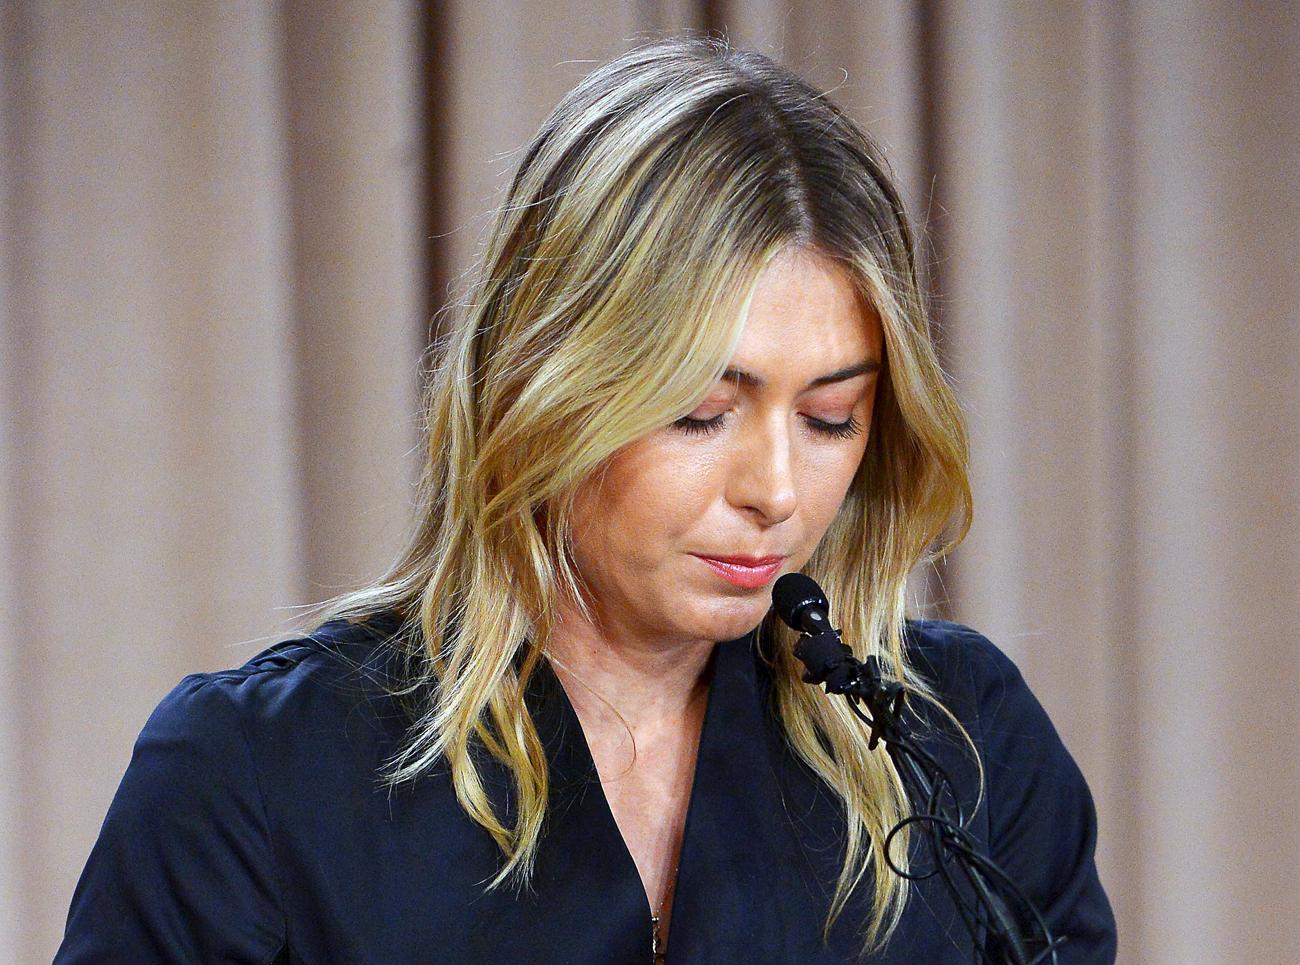 Maria Sharapova berbicara pada awak media selama sesi konferensi pers yang mengonfirmasi bahwa sang petenis Rusia telah gagal dalam tes doping setelah turnamen Australia Terbuka, di LA Hotel Downtown, Los Angeles, California, Amerika Serikat, Selasa (8/3).